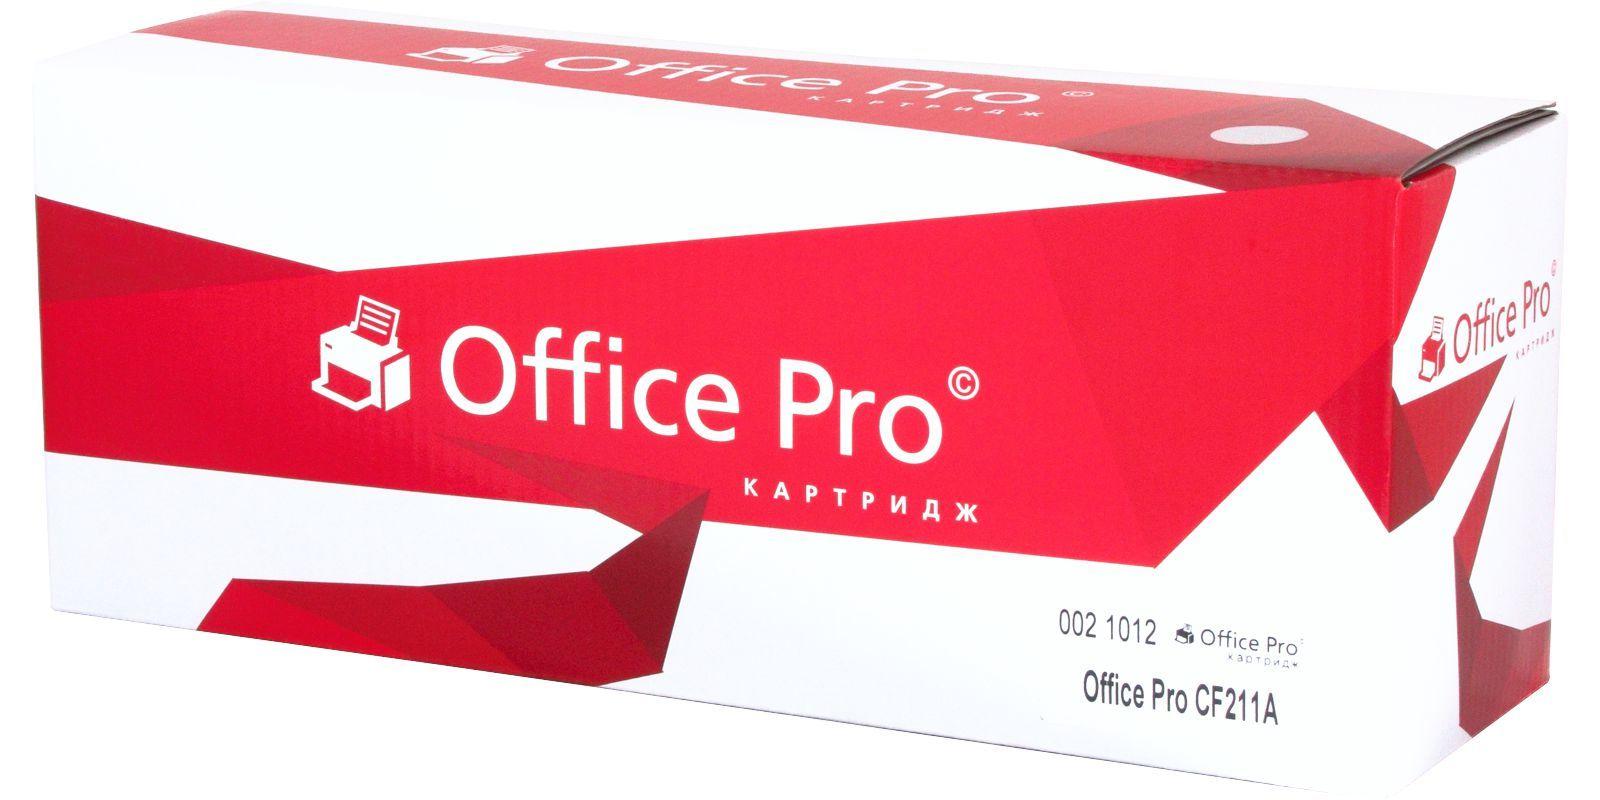 Картридж лазерный цветной Office Pro© 131A CF211A голубой (cyan), до 1800 стр.